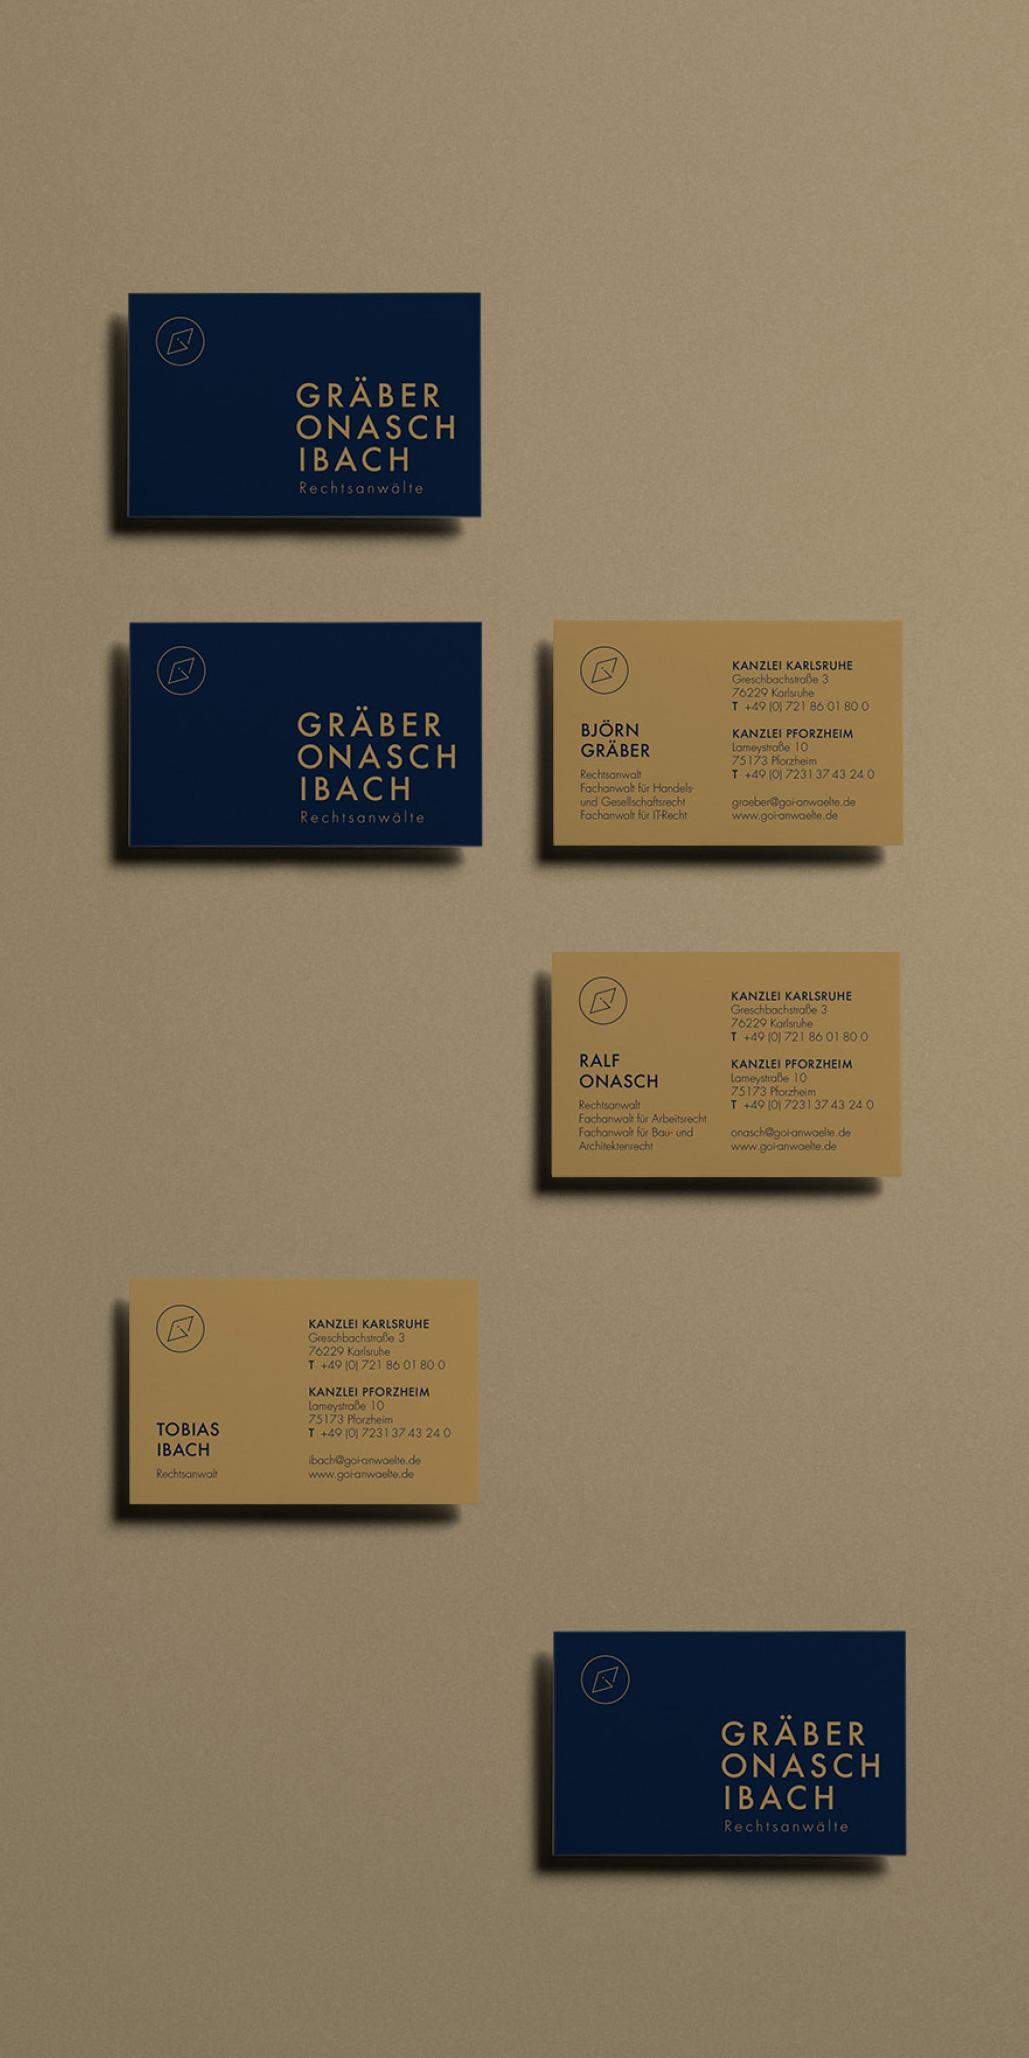 3DMBO-Studio-für-Gestaltung-goi-karlsruhe-corporate-design